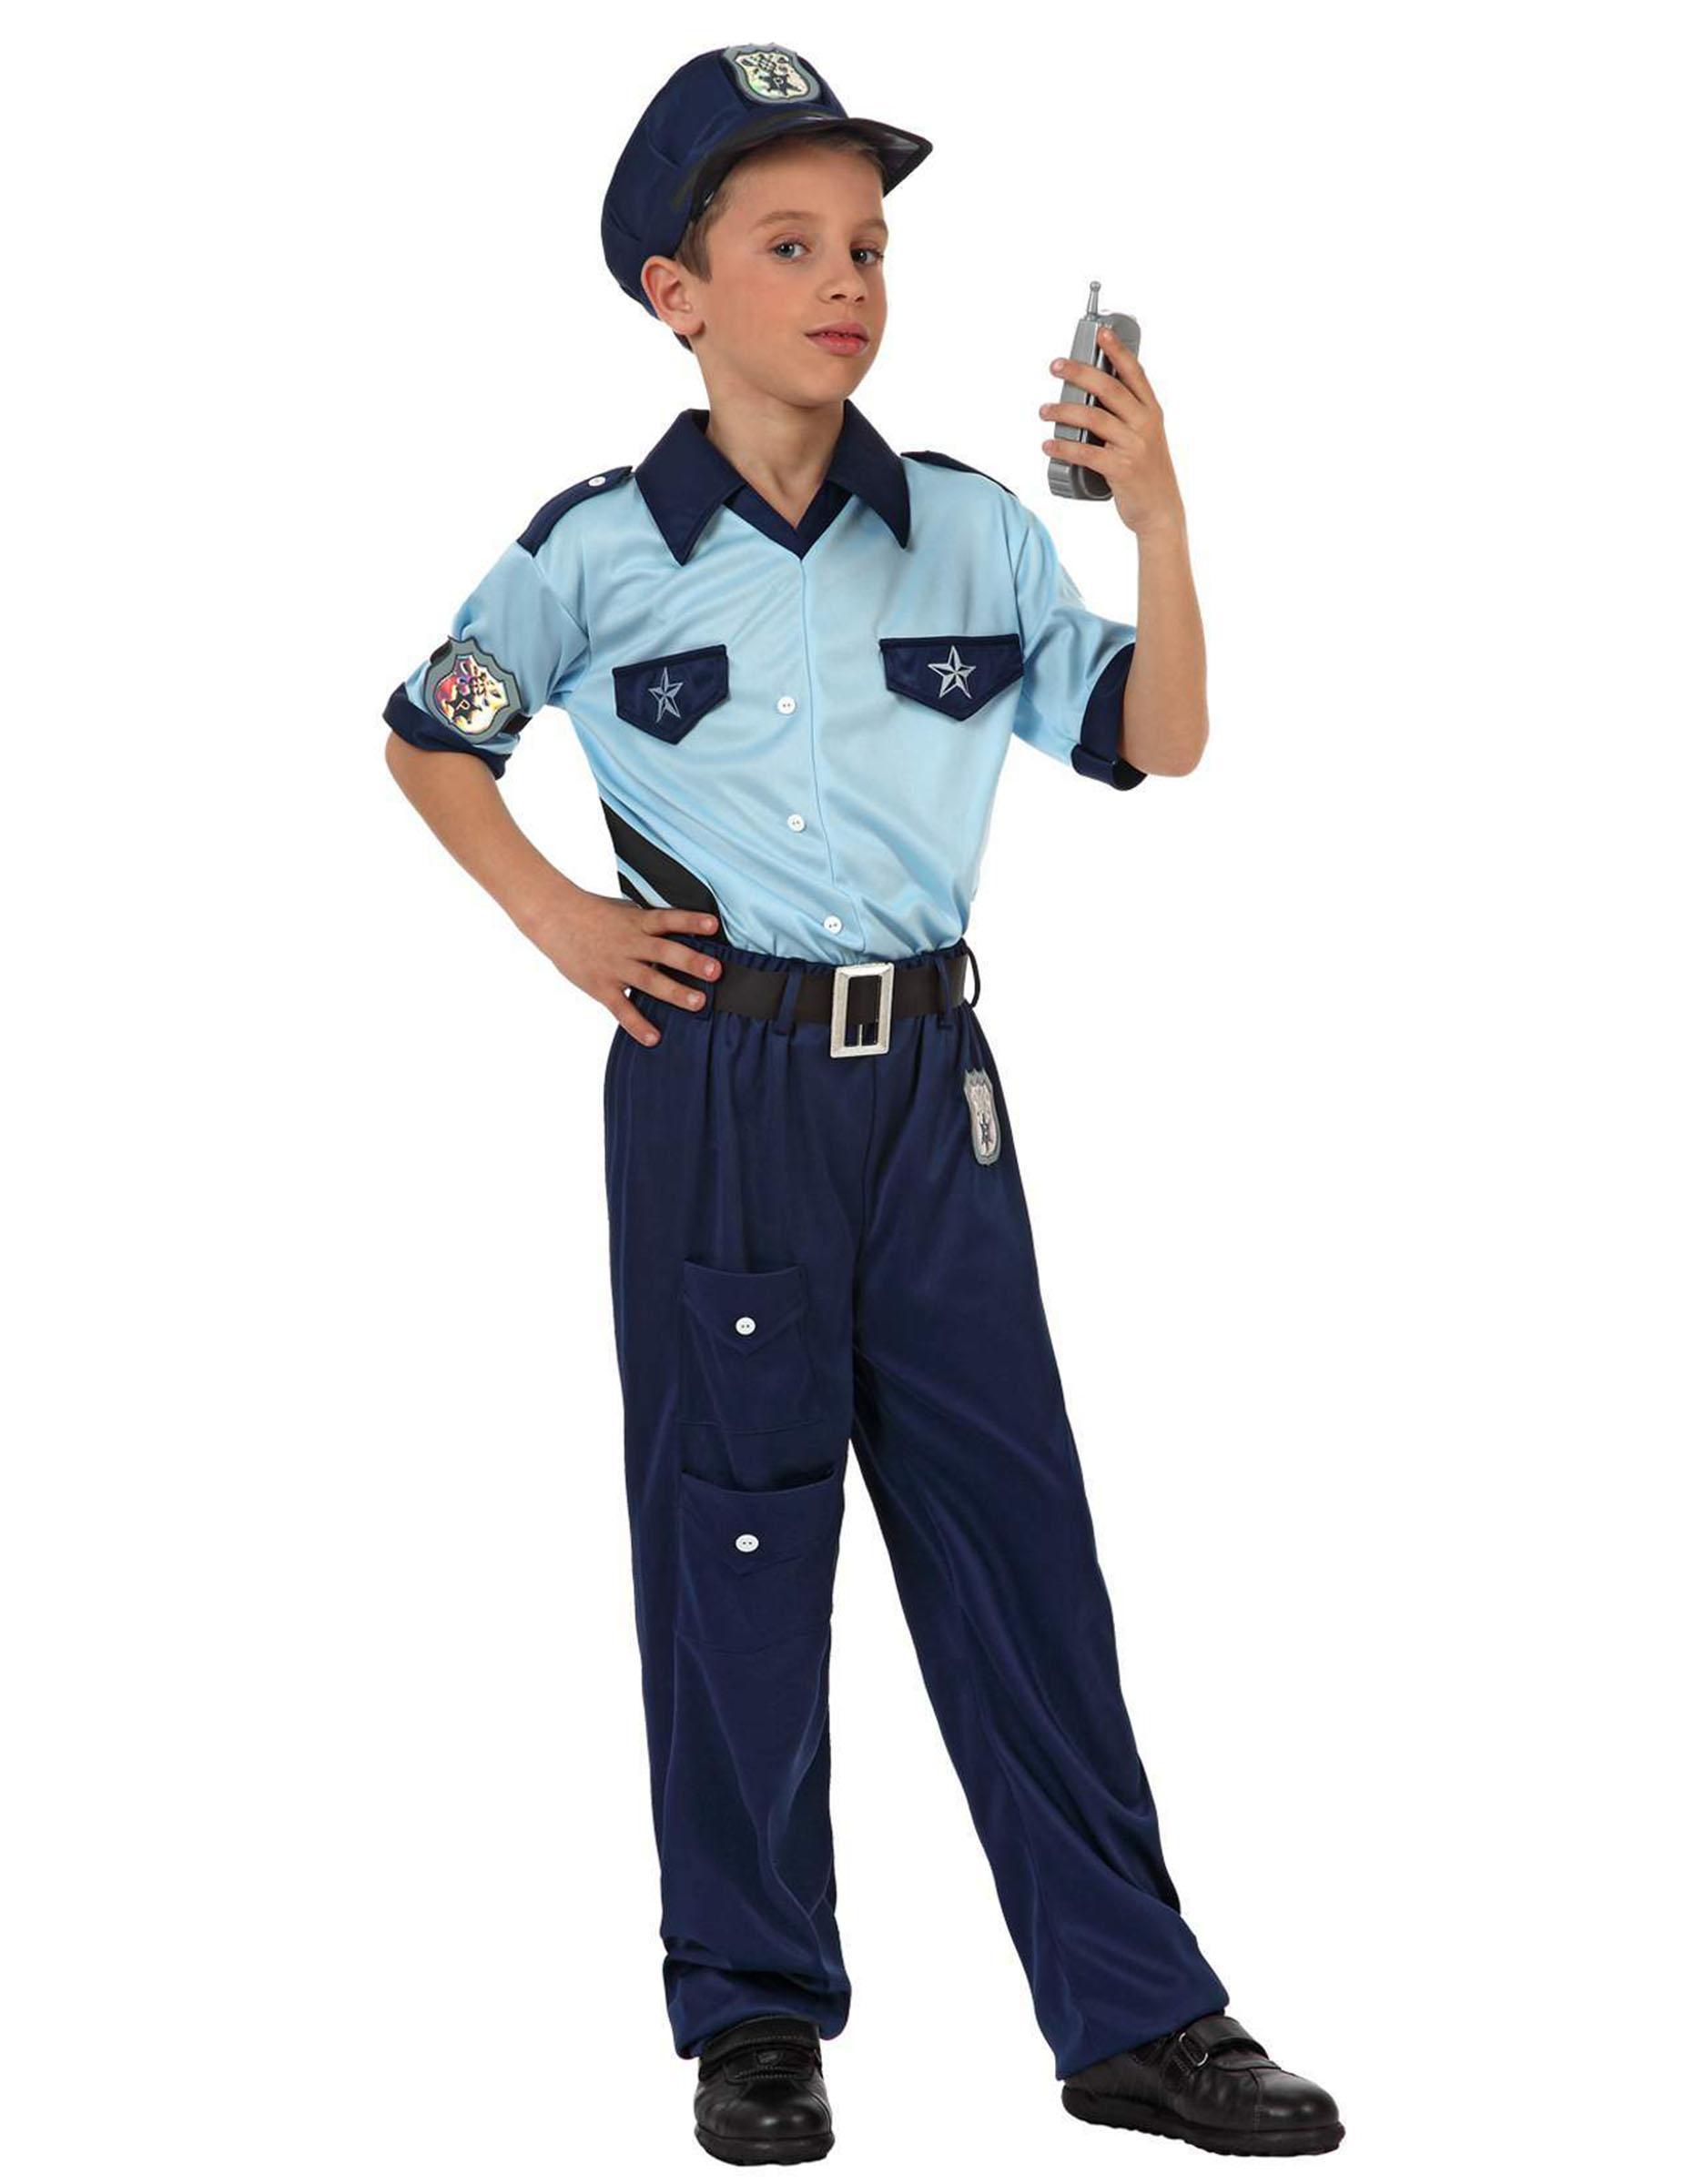 cerca le ultime nuova collezione stile alla moda Travestimento poliziotto bambino